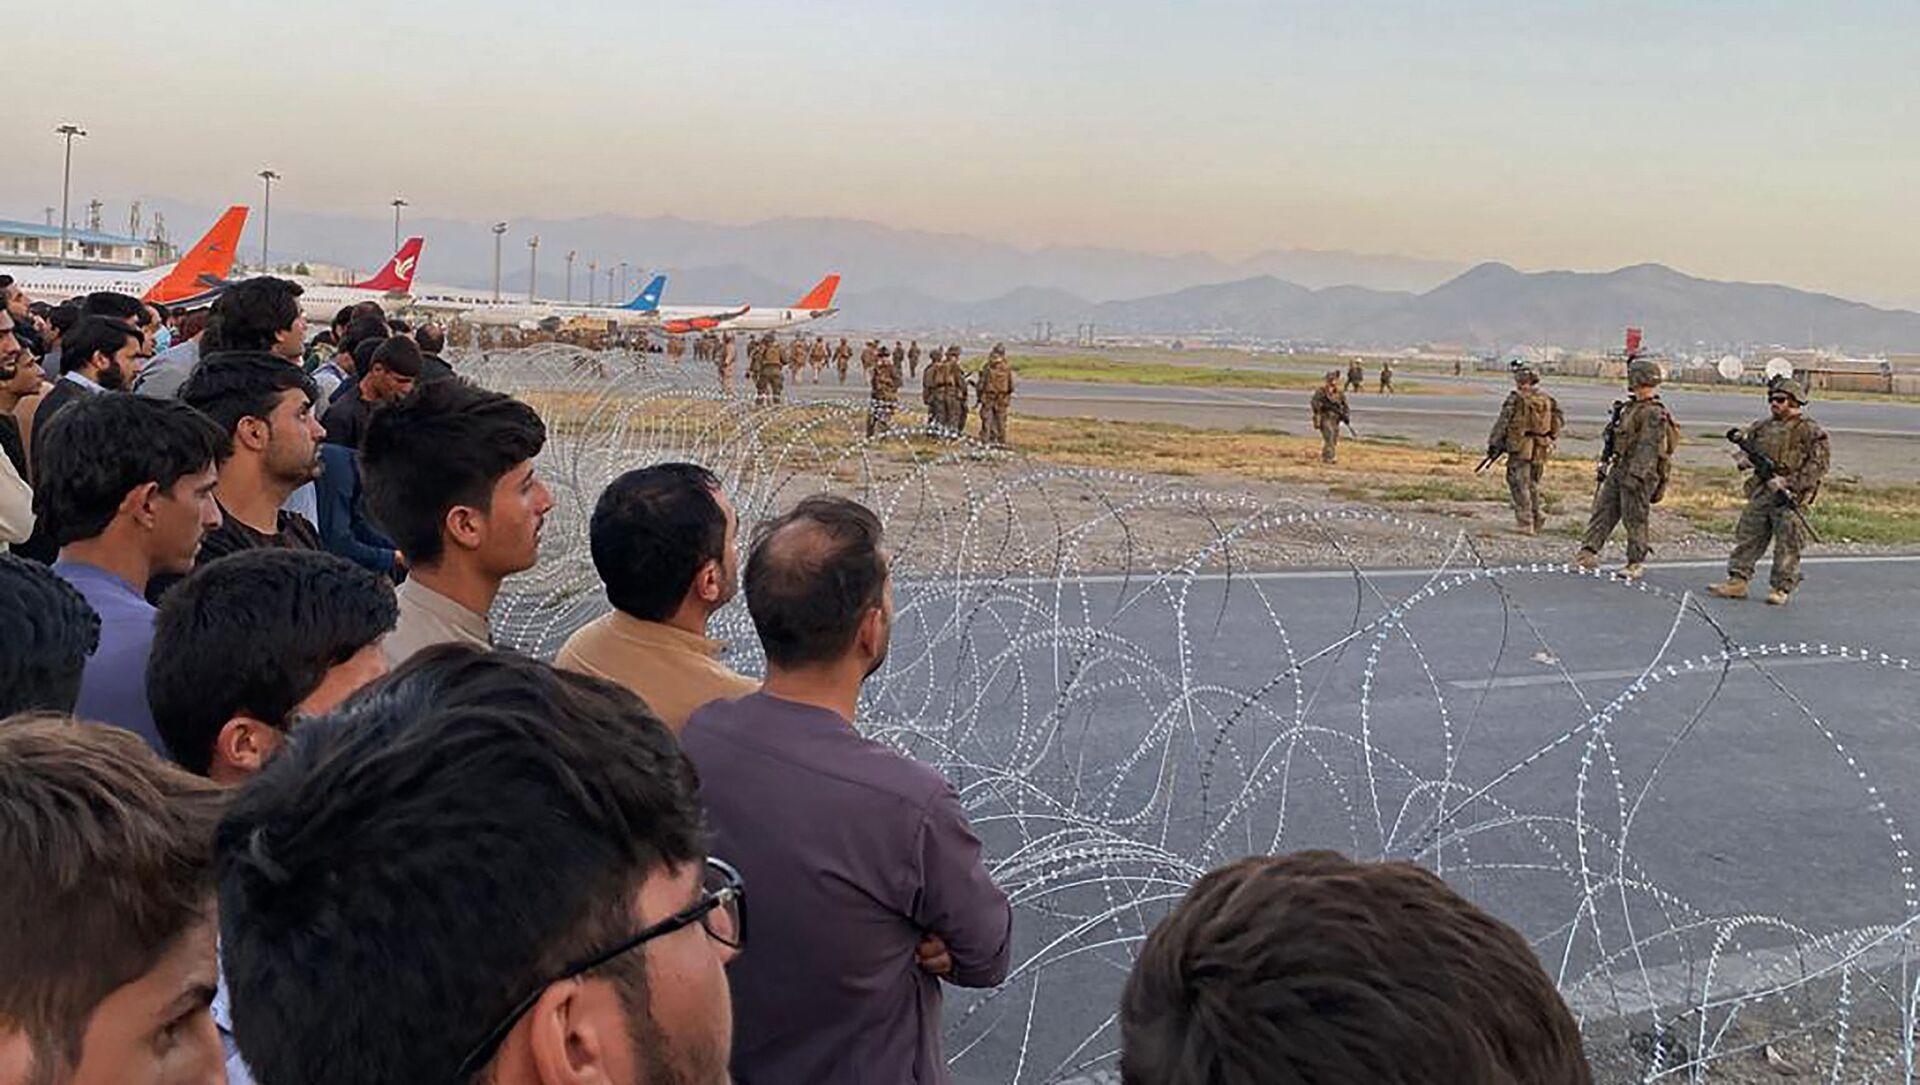 Lính Mỹ bảo vệ sân bay ở Kabul, Afghanistan - Sputnik Việt Nam, 1920, 18.08.2021